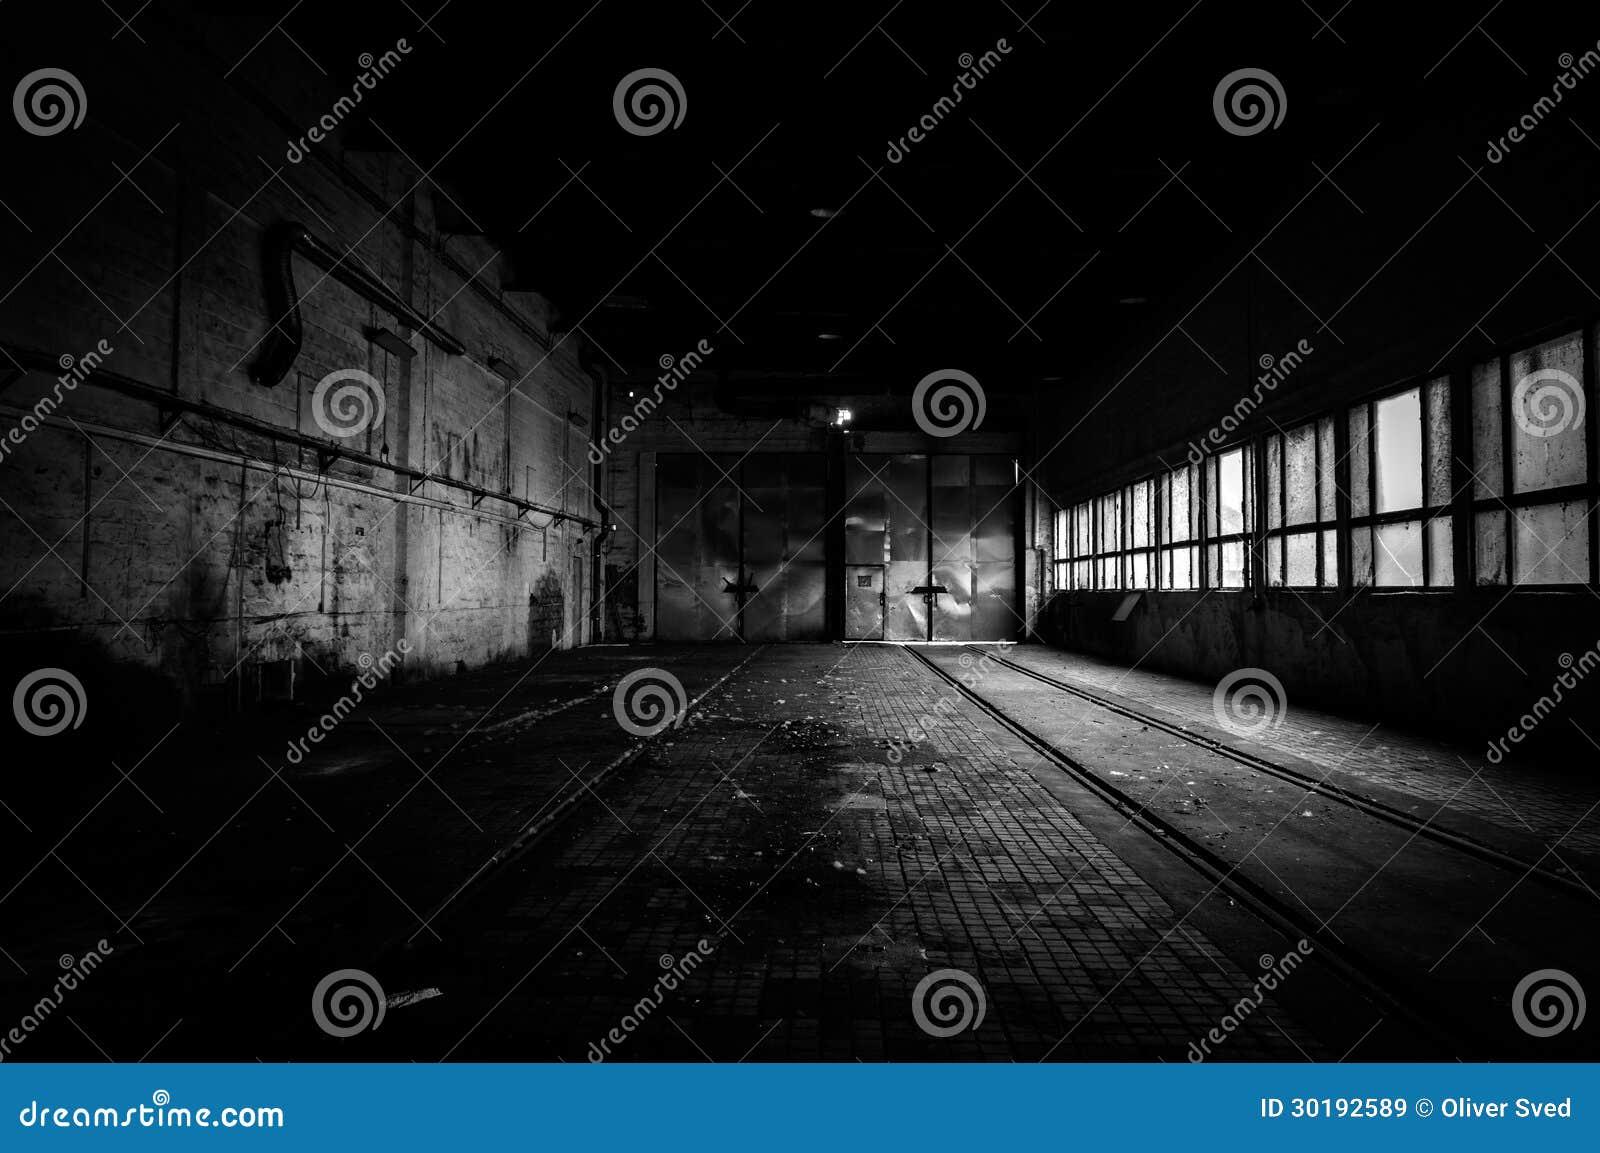 Industrieller Innenraum einer Fabrik